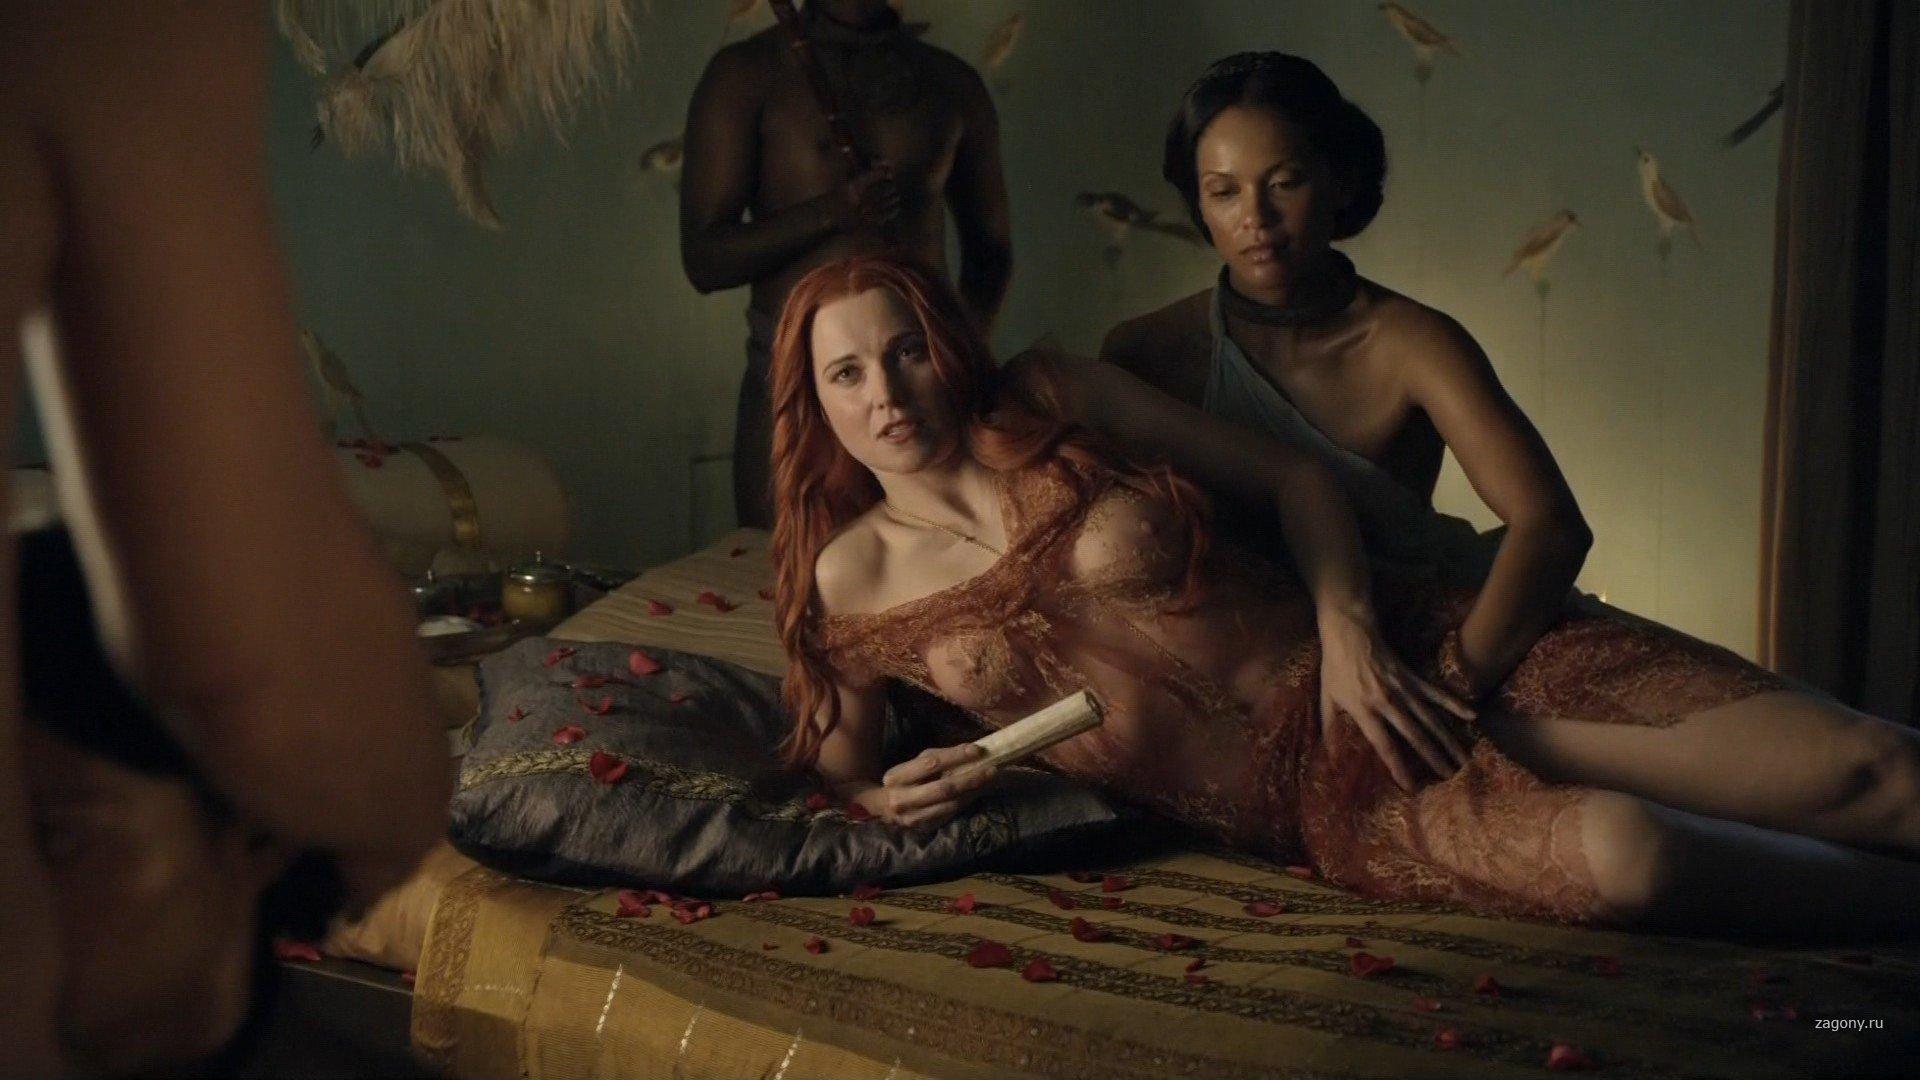 Самые откровенные порно графические русские рассказы 21 фотография